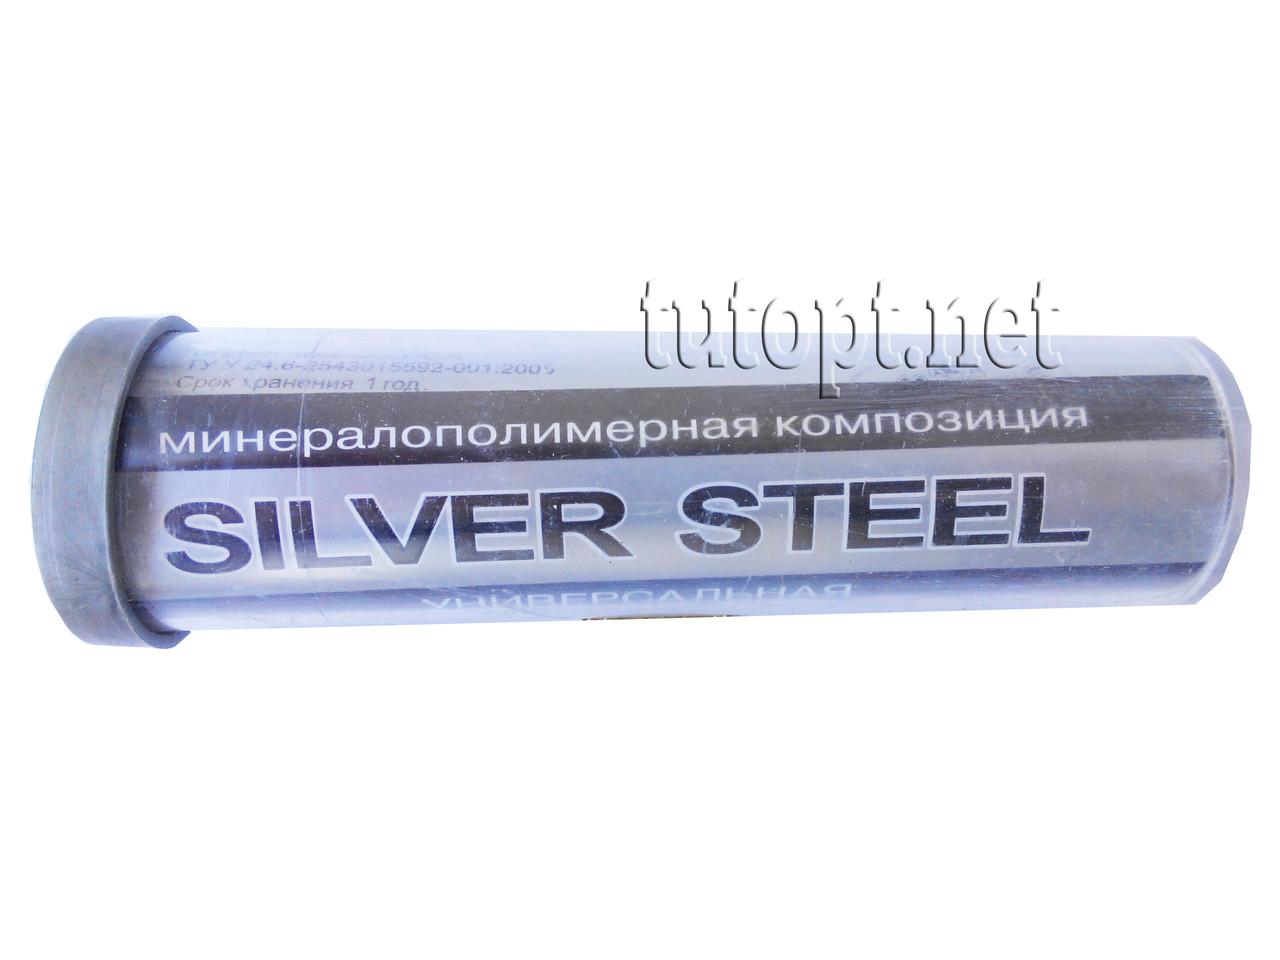 """Холодная сварка """"Silver Steel"""" 40г., Минералополимерная композиция, универсальная"""